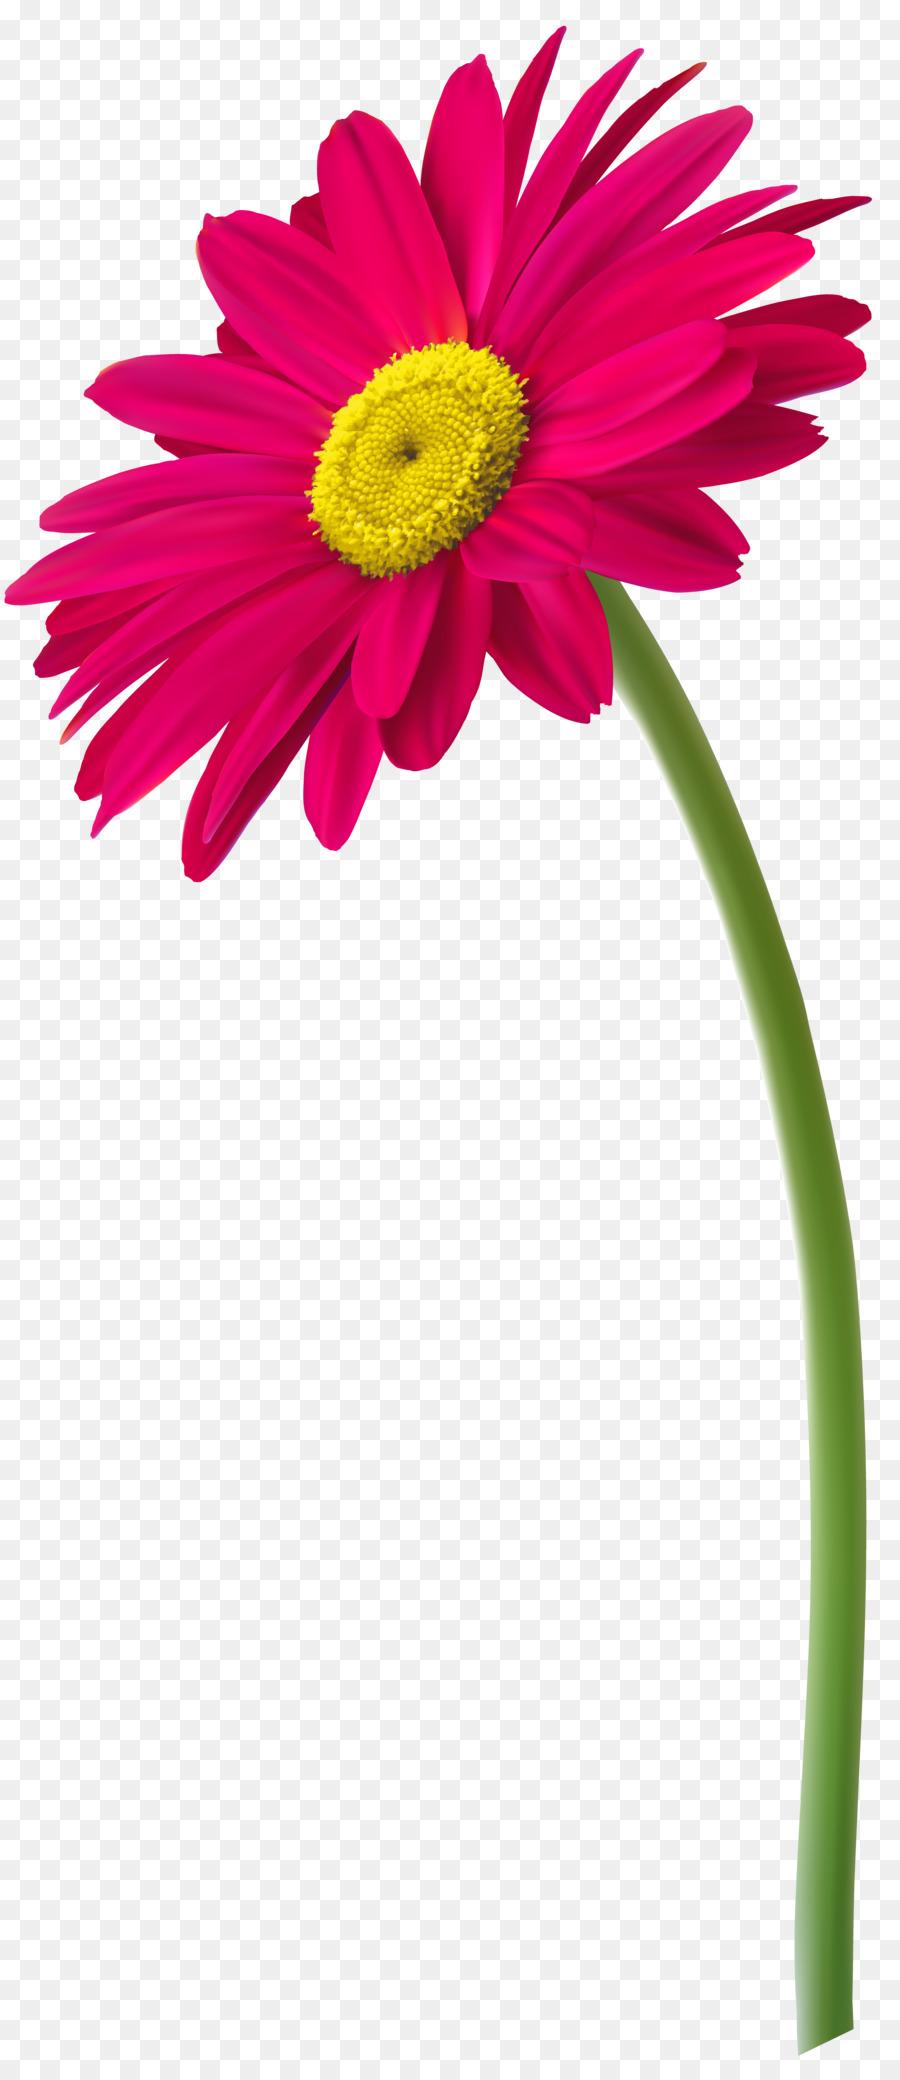 Marguerite Du Transvaal Dessin Fleur Png Marguerite Du Transvaal Dessin Fleur Transparentes Png Gratuit